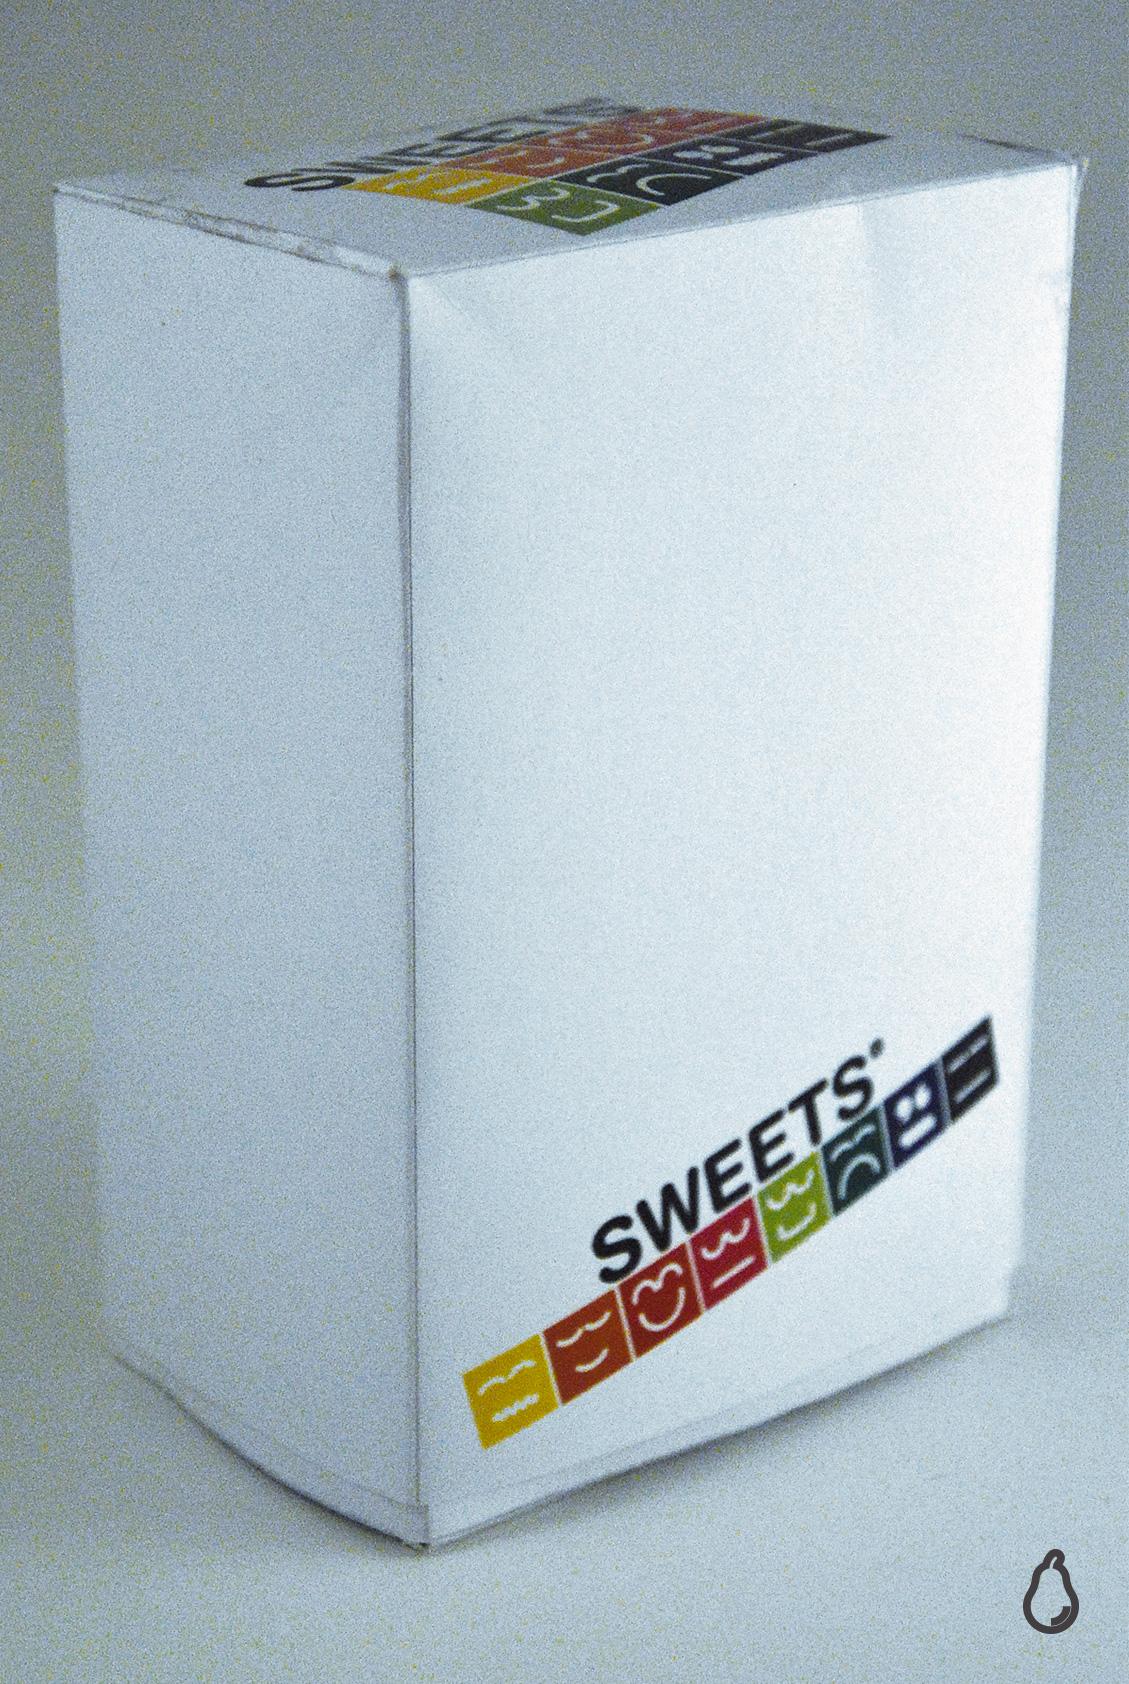 Sweets---barreja